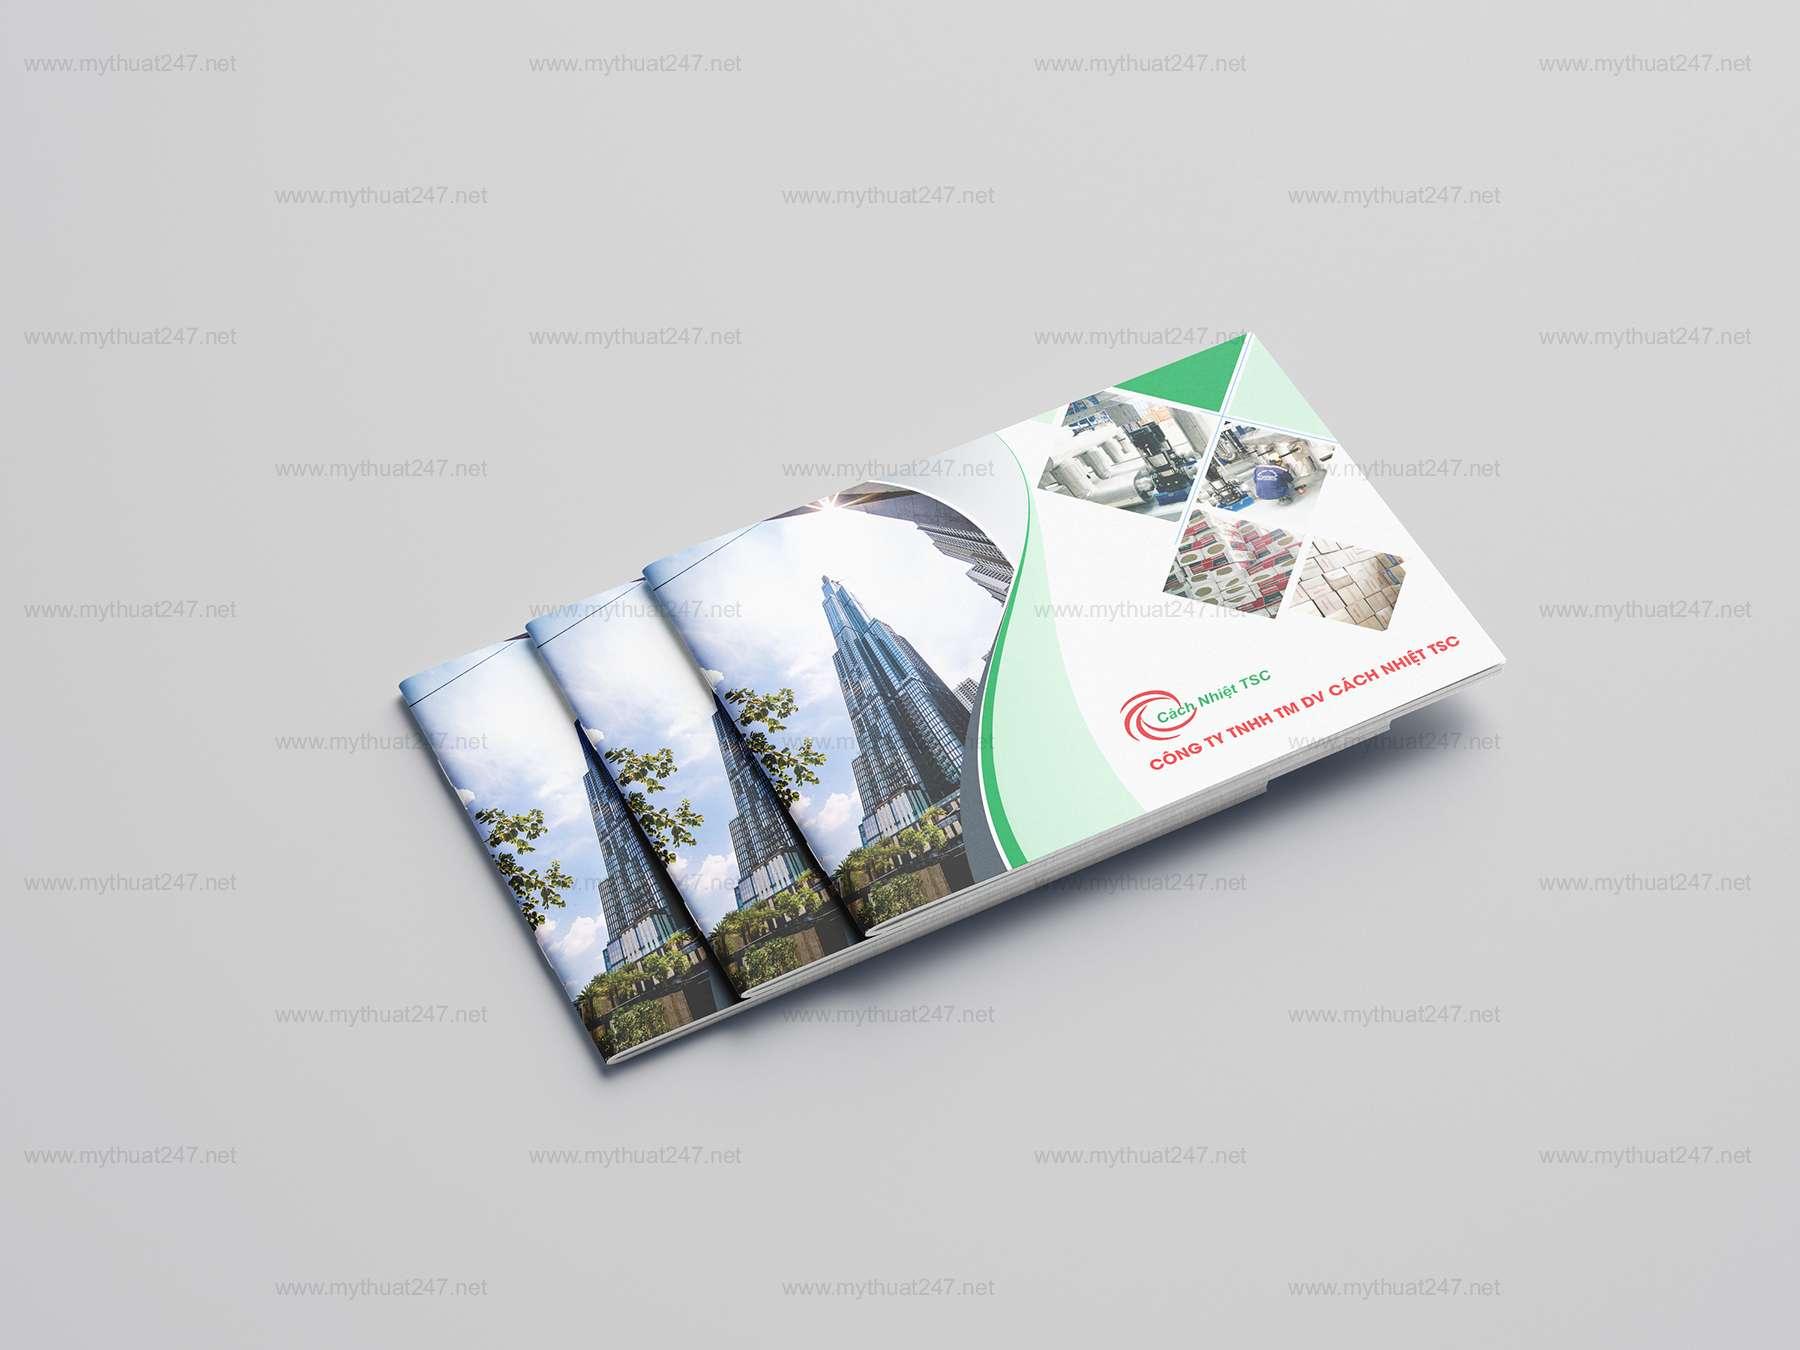 Thiết kế cataloge công ty tnhh tm dv cách nhiệt tsc